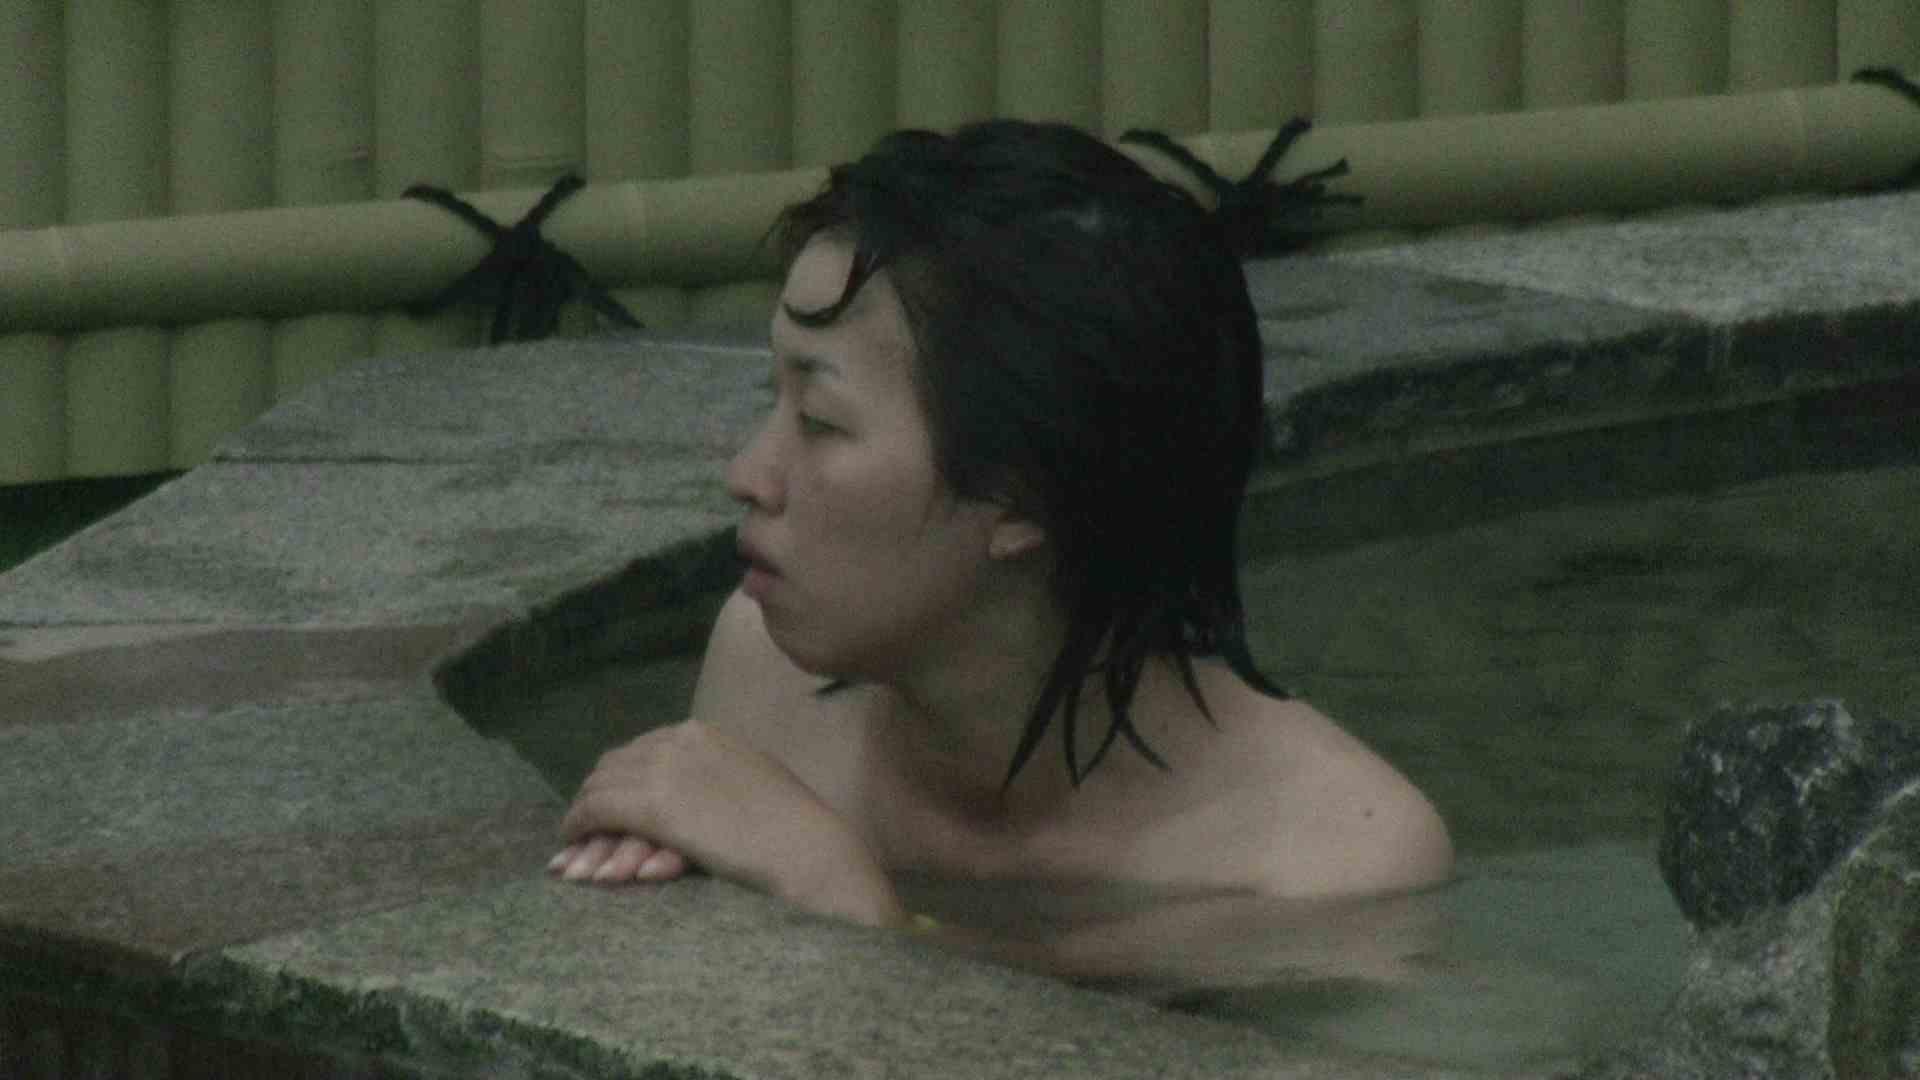 Aquaな露天風呂Vol.170 盗撮大放出 オメコ動画キャプチャ 65連発 30